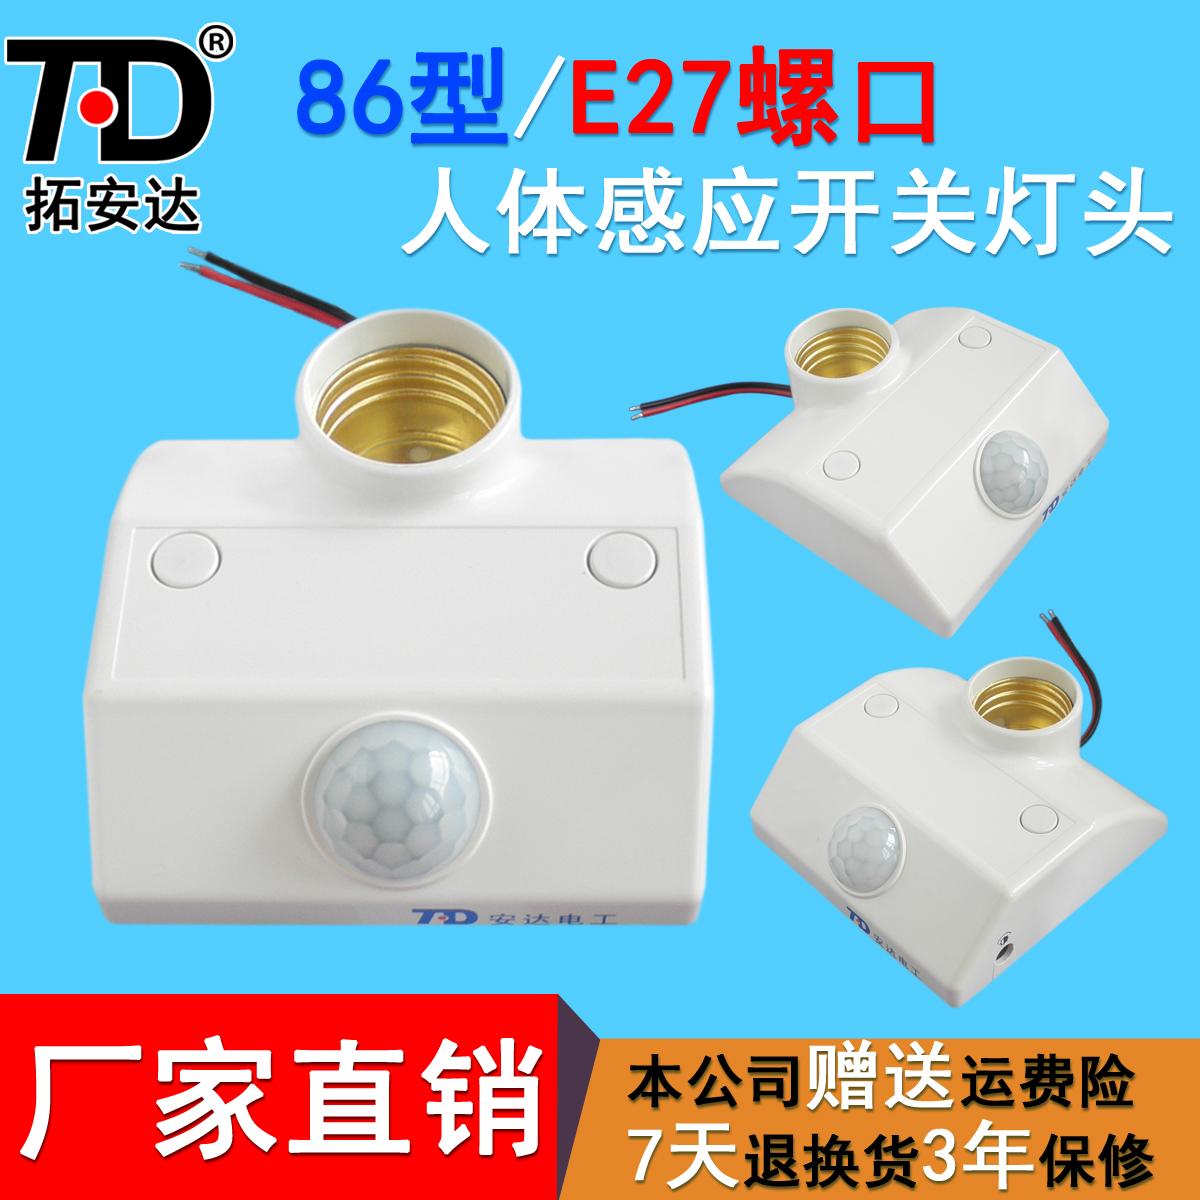 拓安達TAD-K218A人體感應燈座感應燈頭E27螺口LED紅外線感應器